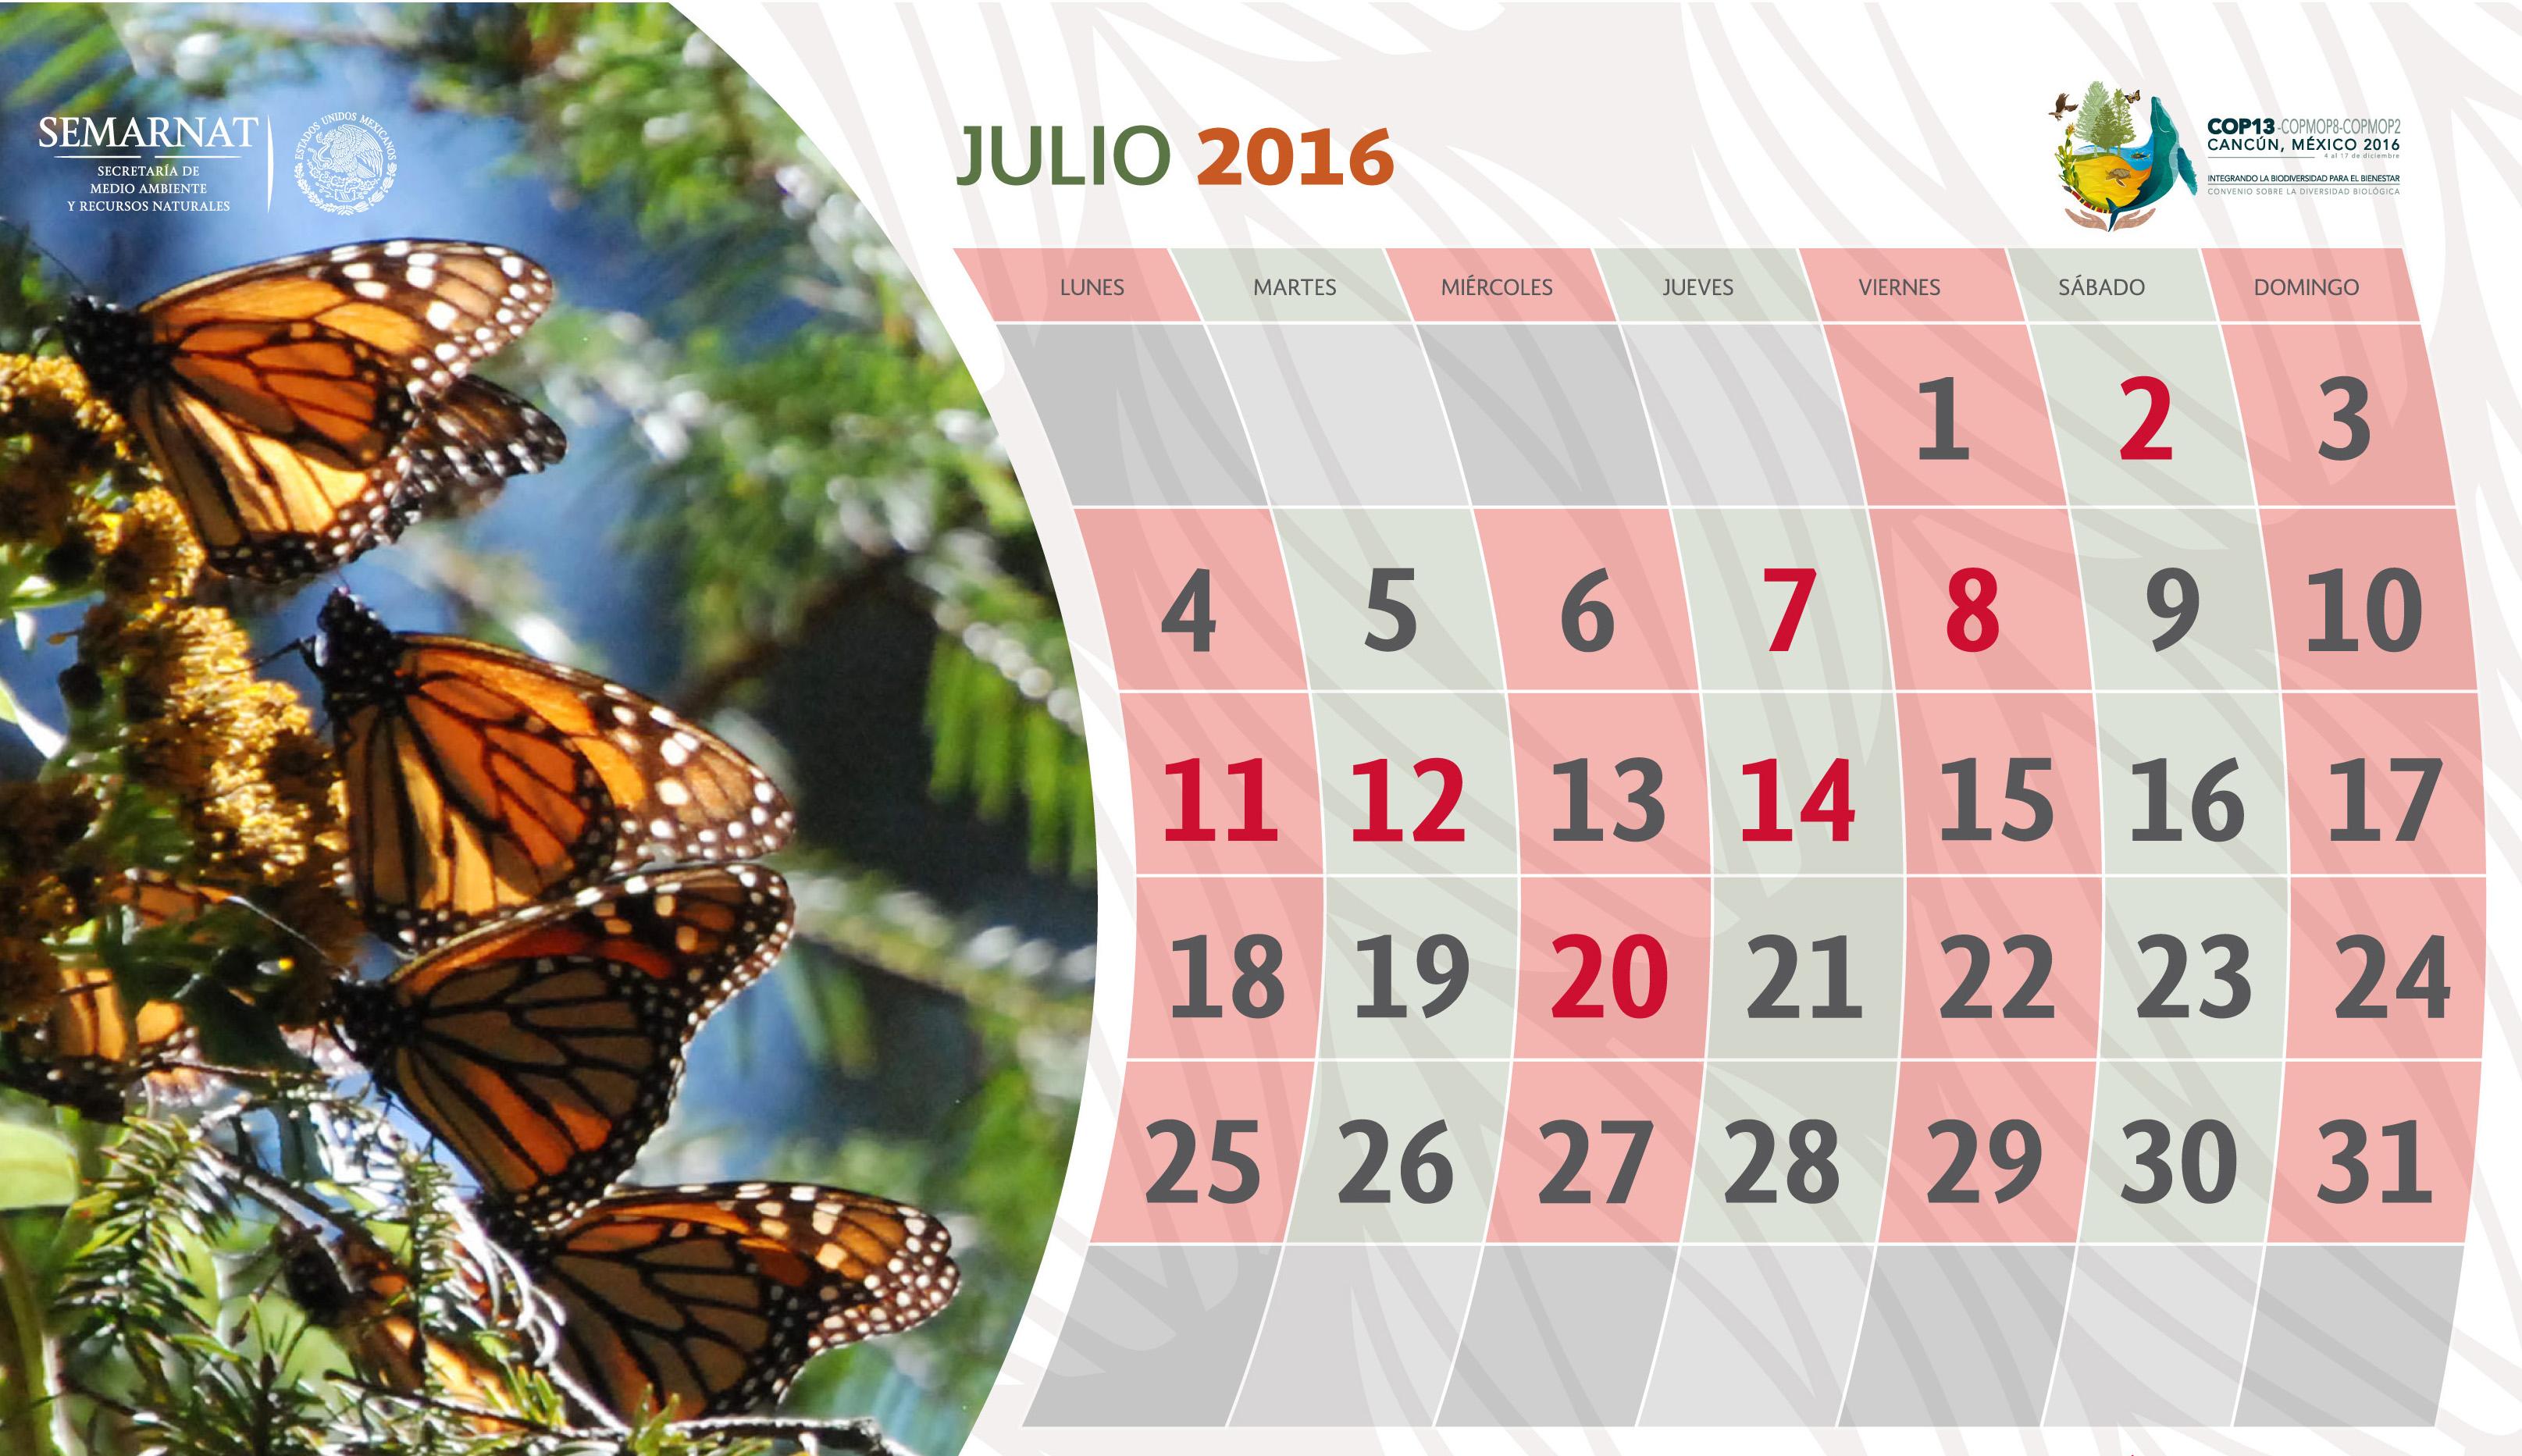 Consulta nuestro calendario de efemérides y decretos de julio.